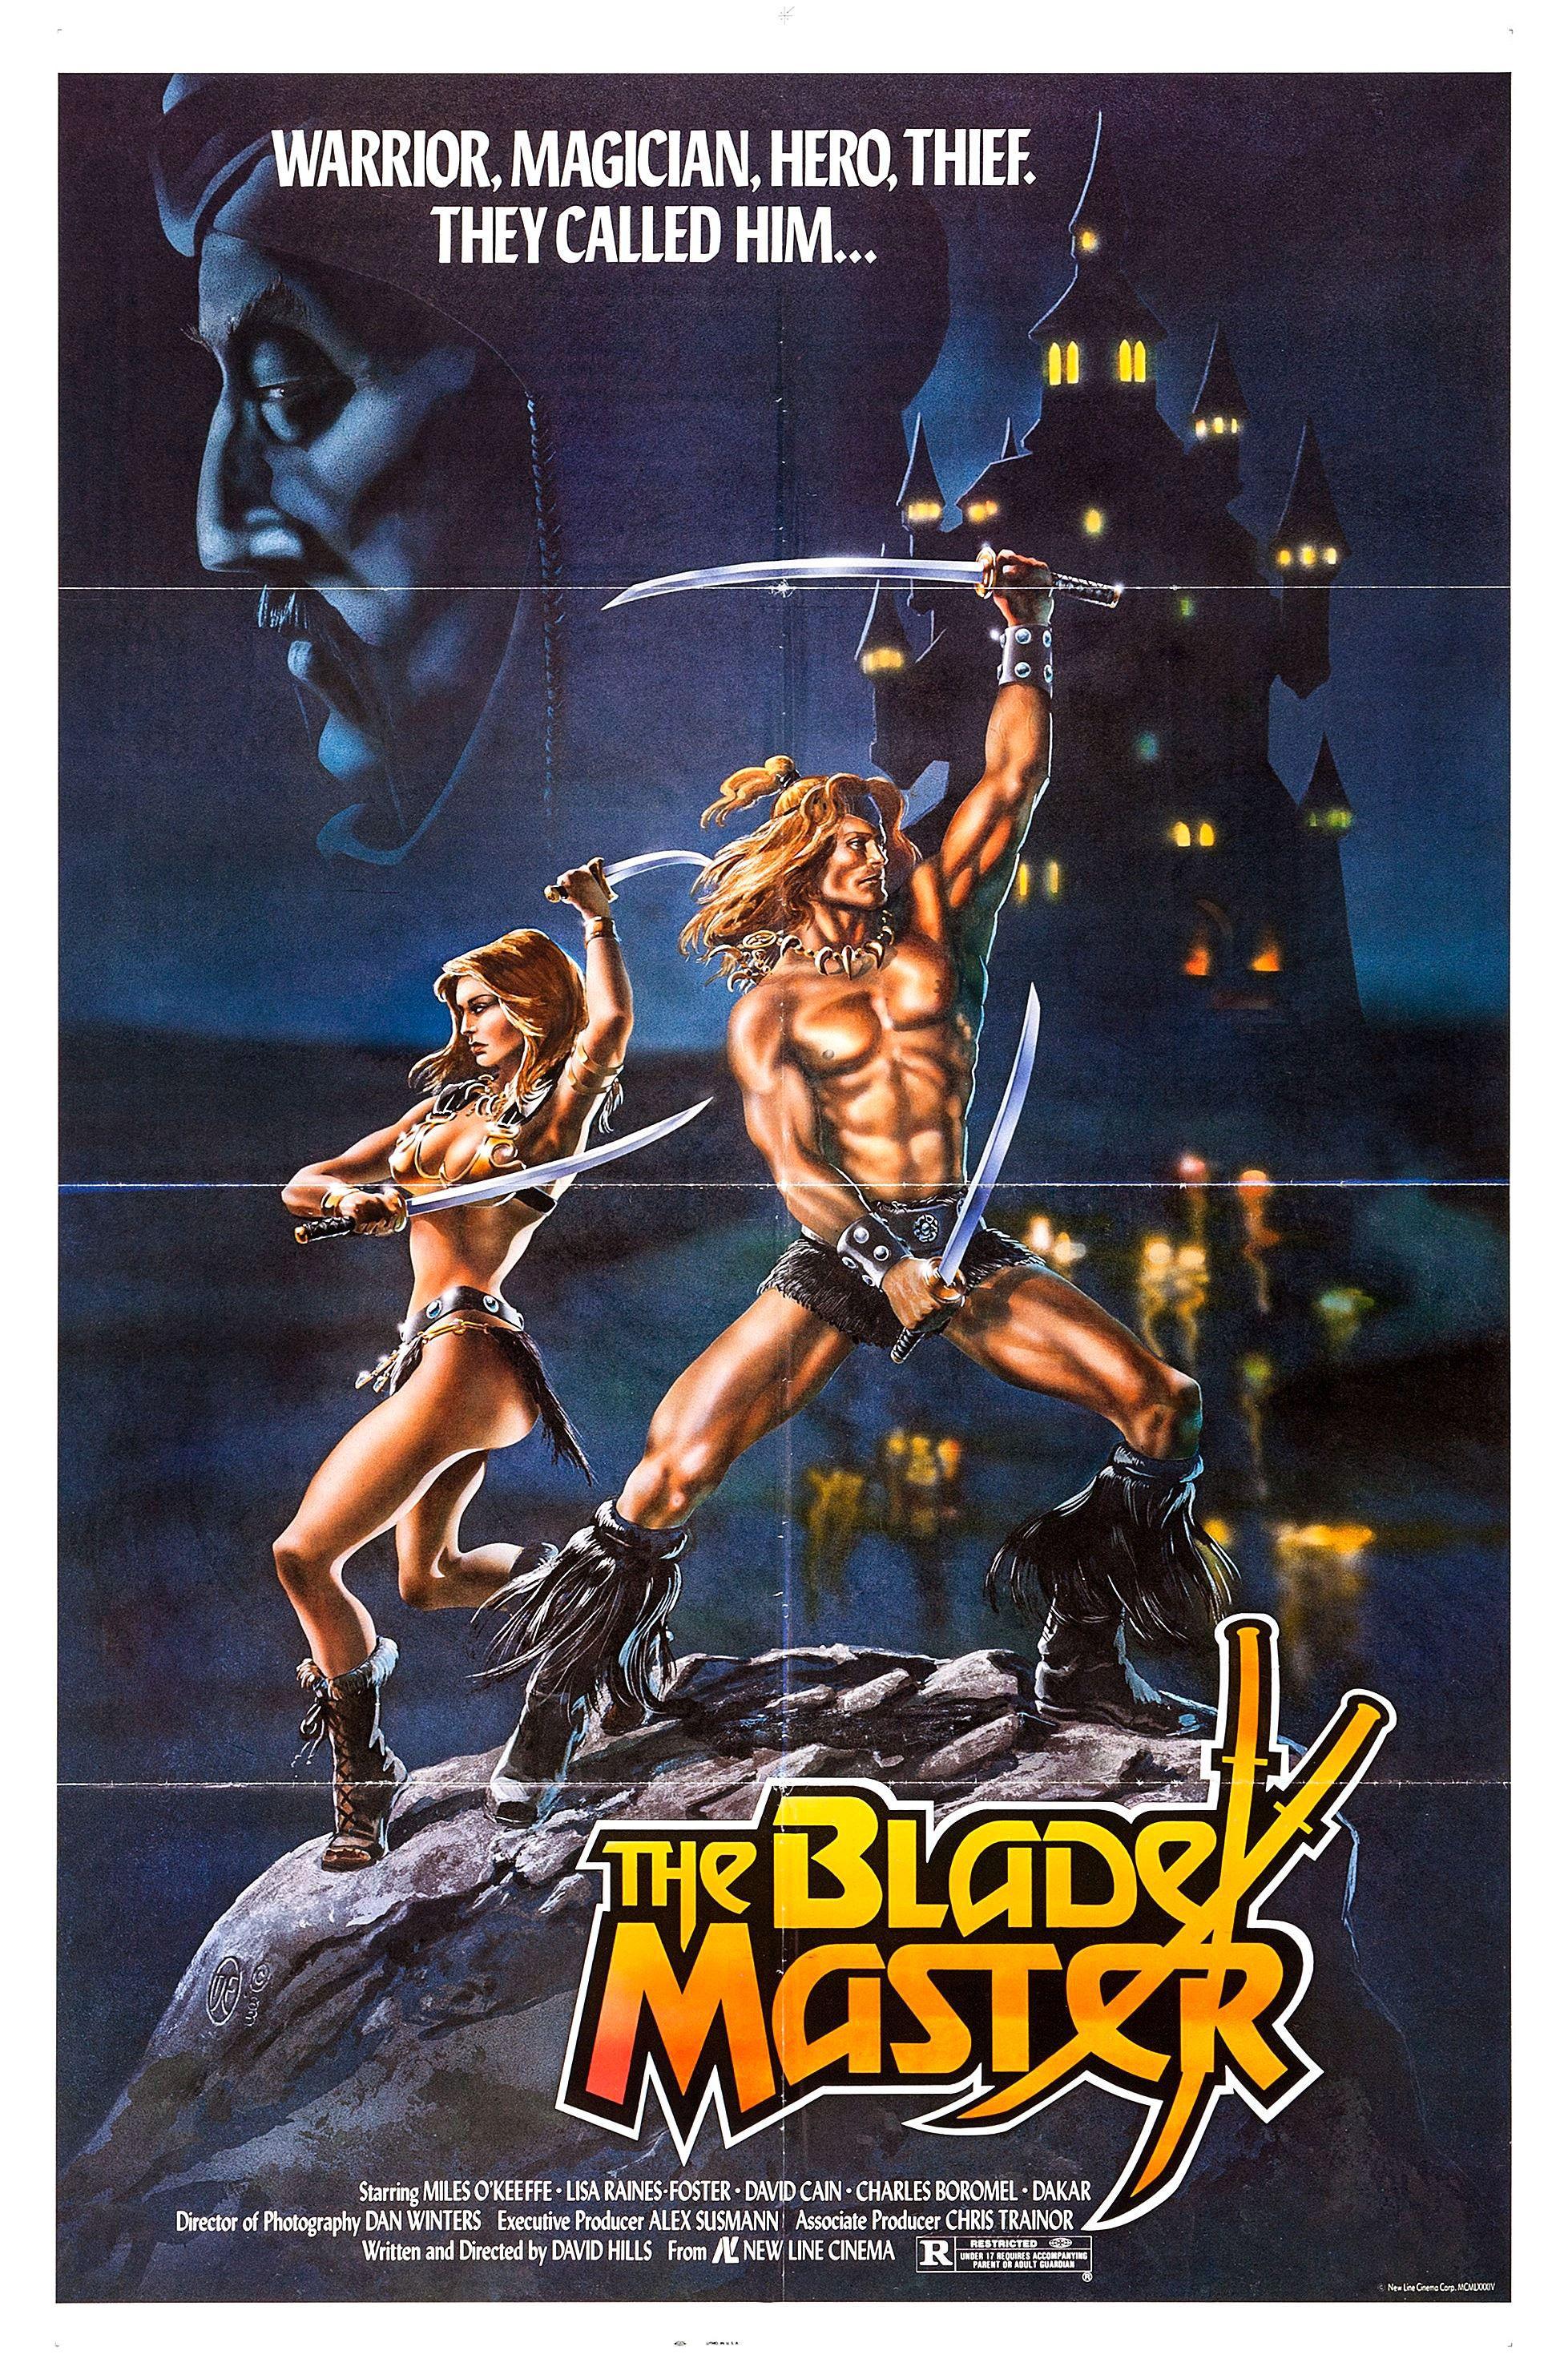 The Blade Master 1982 Ator 2 L Invincibile Orion Original